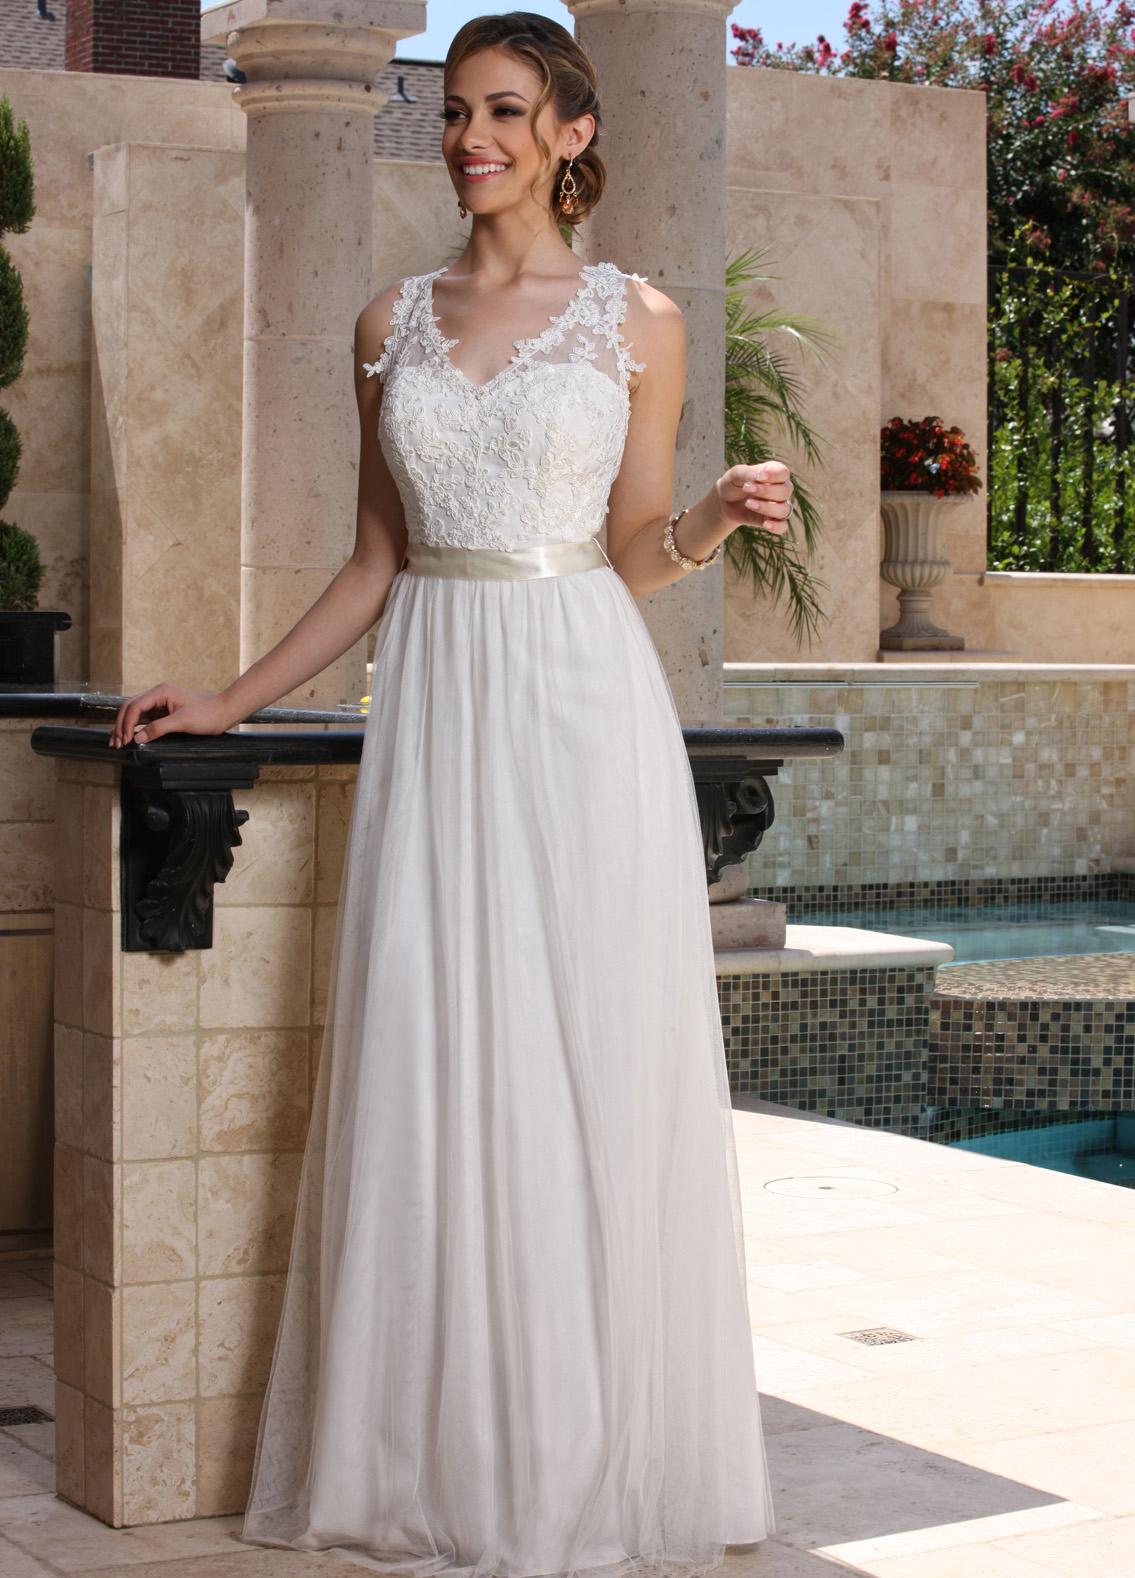 Lace Chiffon Wedding Dress with Satin Bows